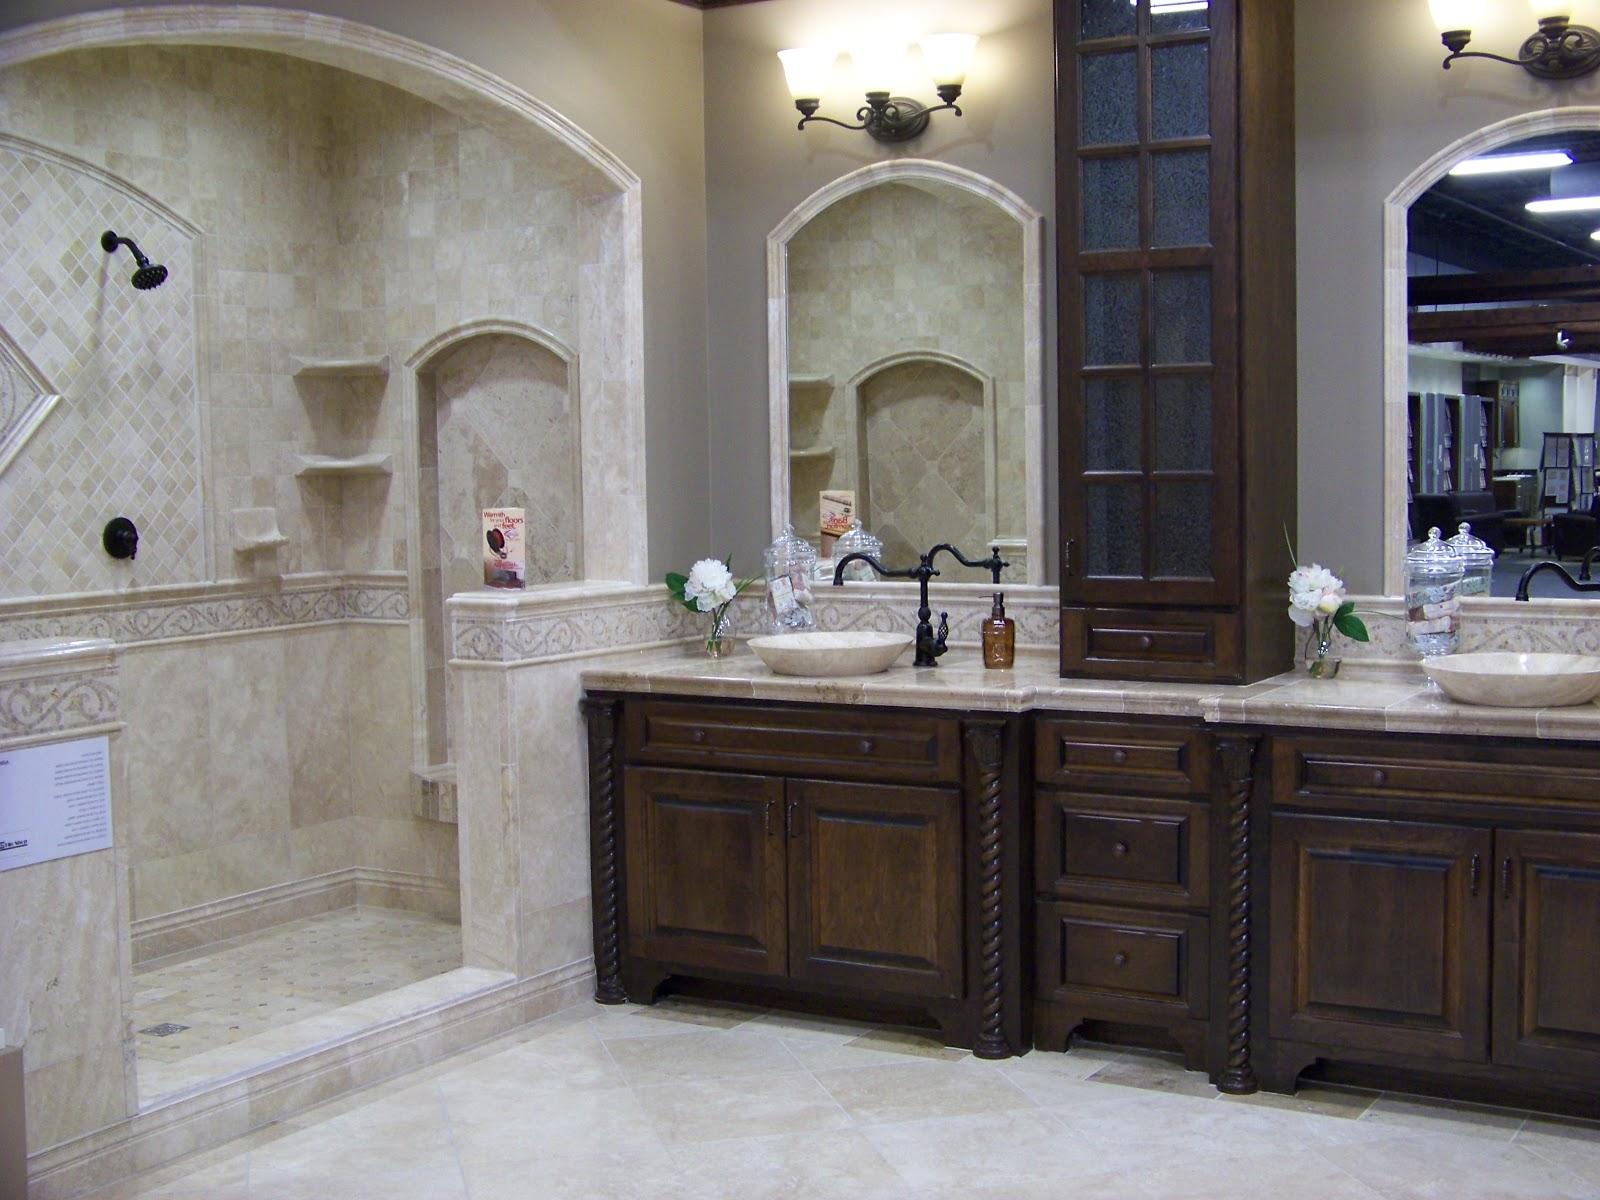 Home Decor Budgetista: Bathroom Inspiration